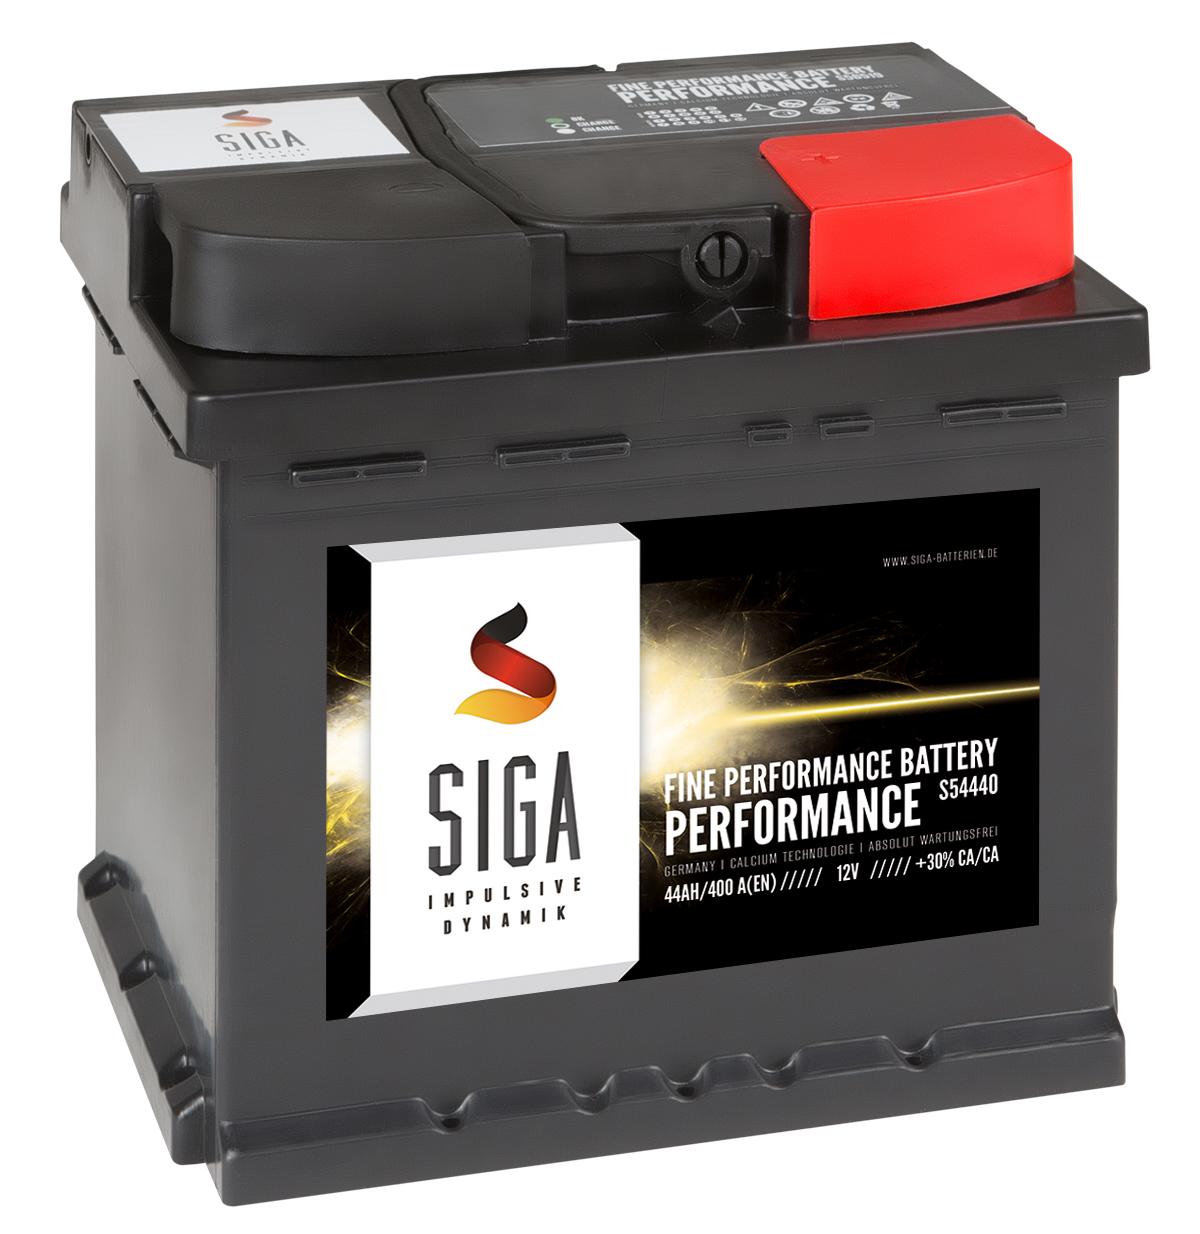 autobatterie siga 12v 44ah starterbatterie ersetzt 36ah. Black Bedroom Furniture Sets. Home Design Ideas